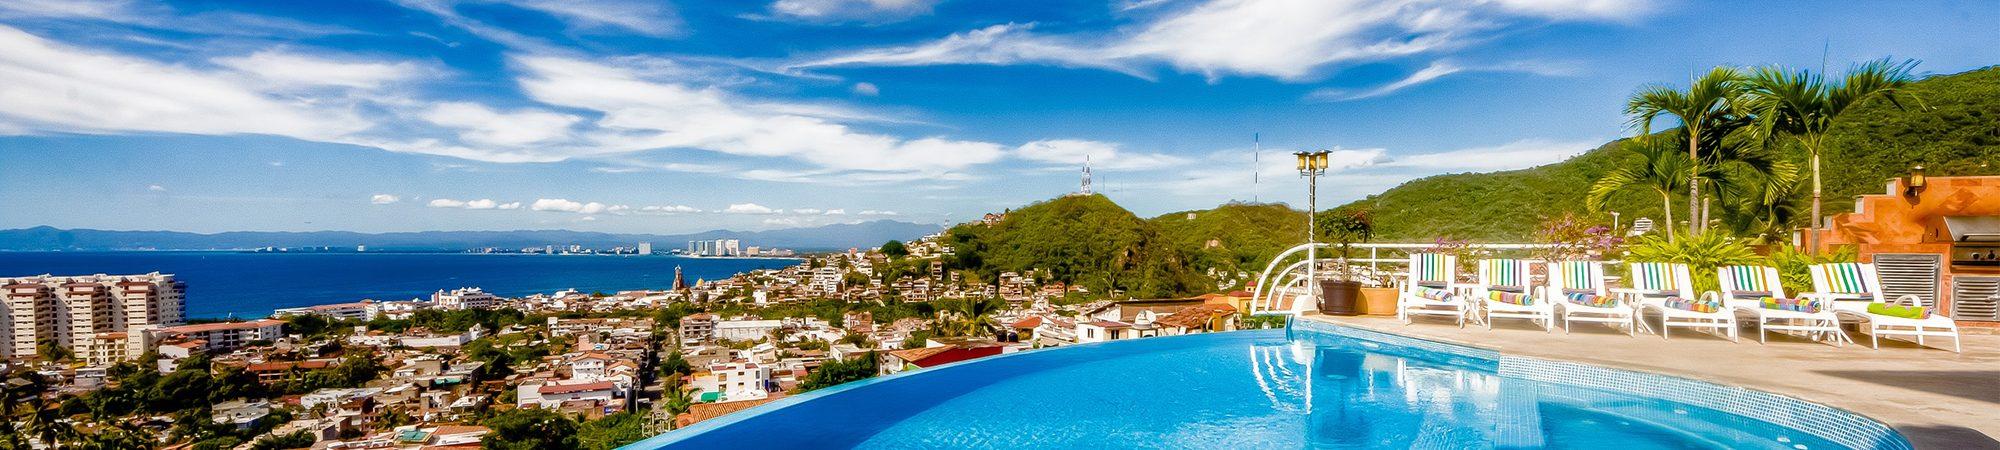 Puerto Vallarta Villas